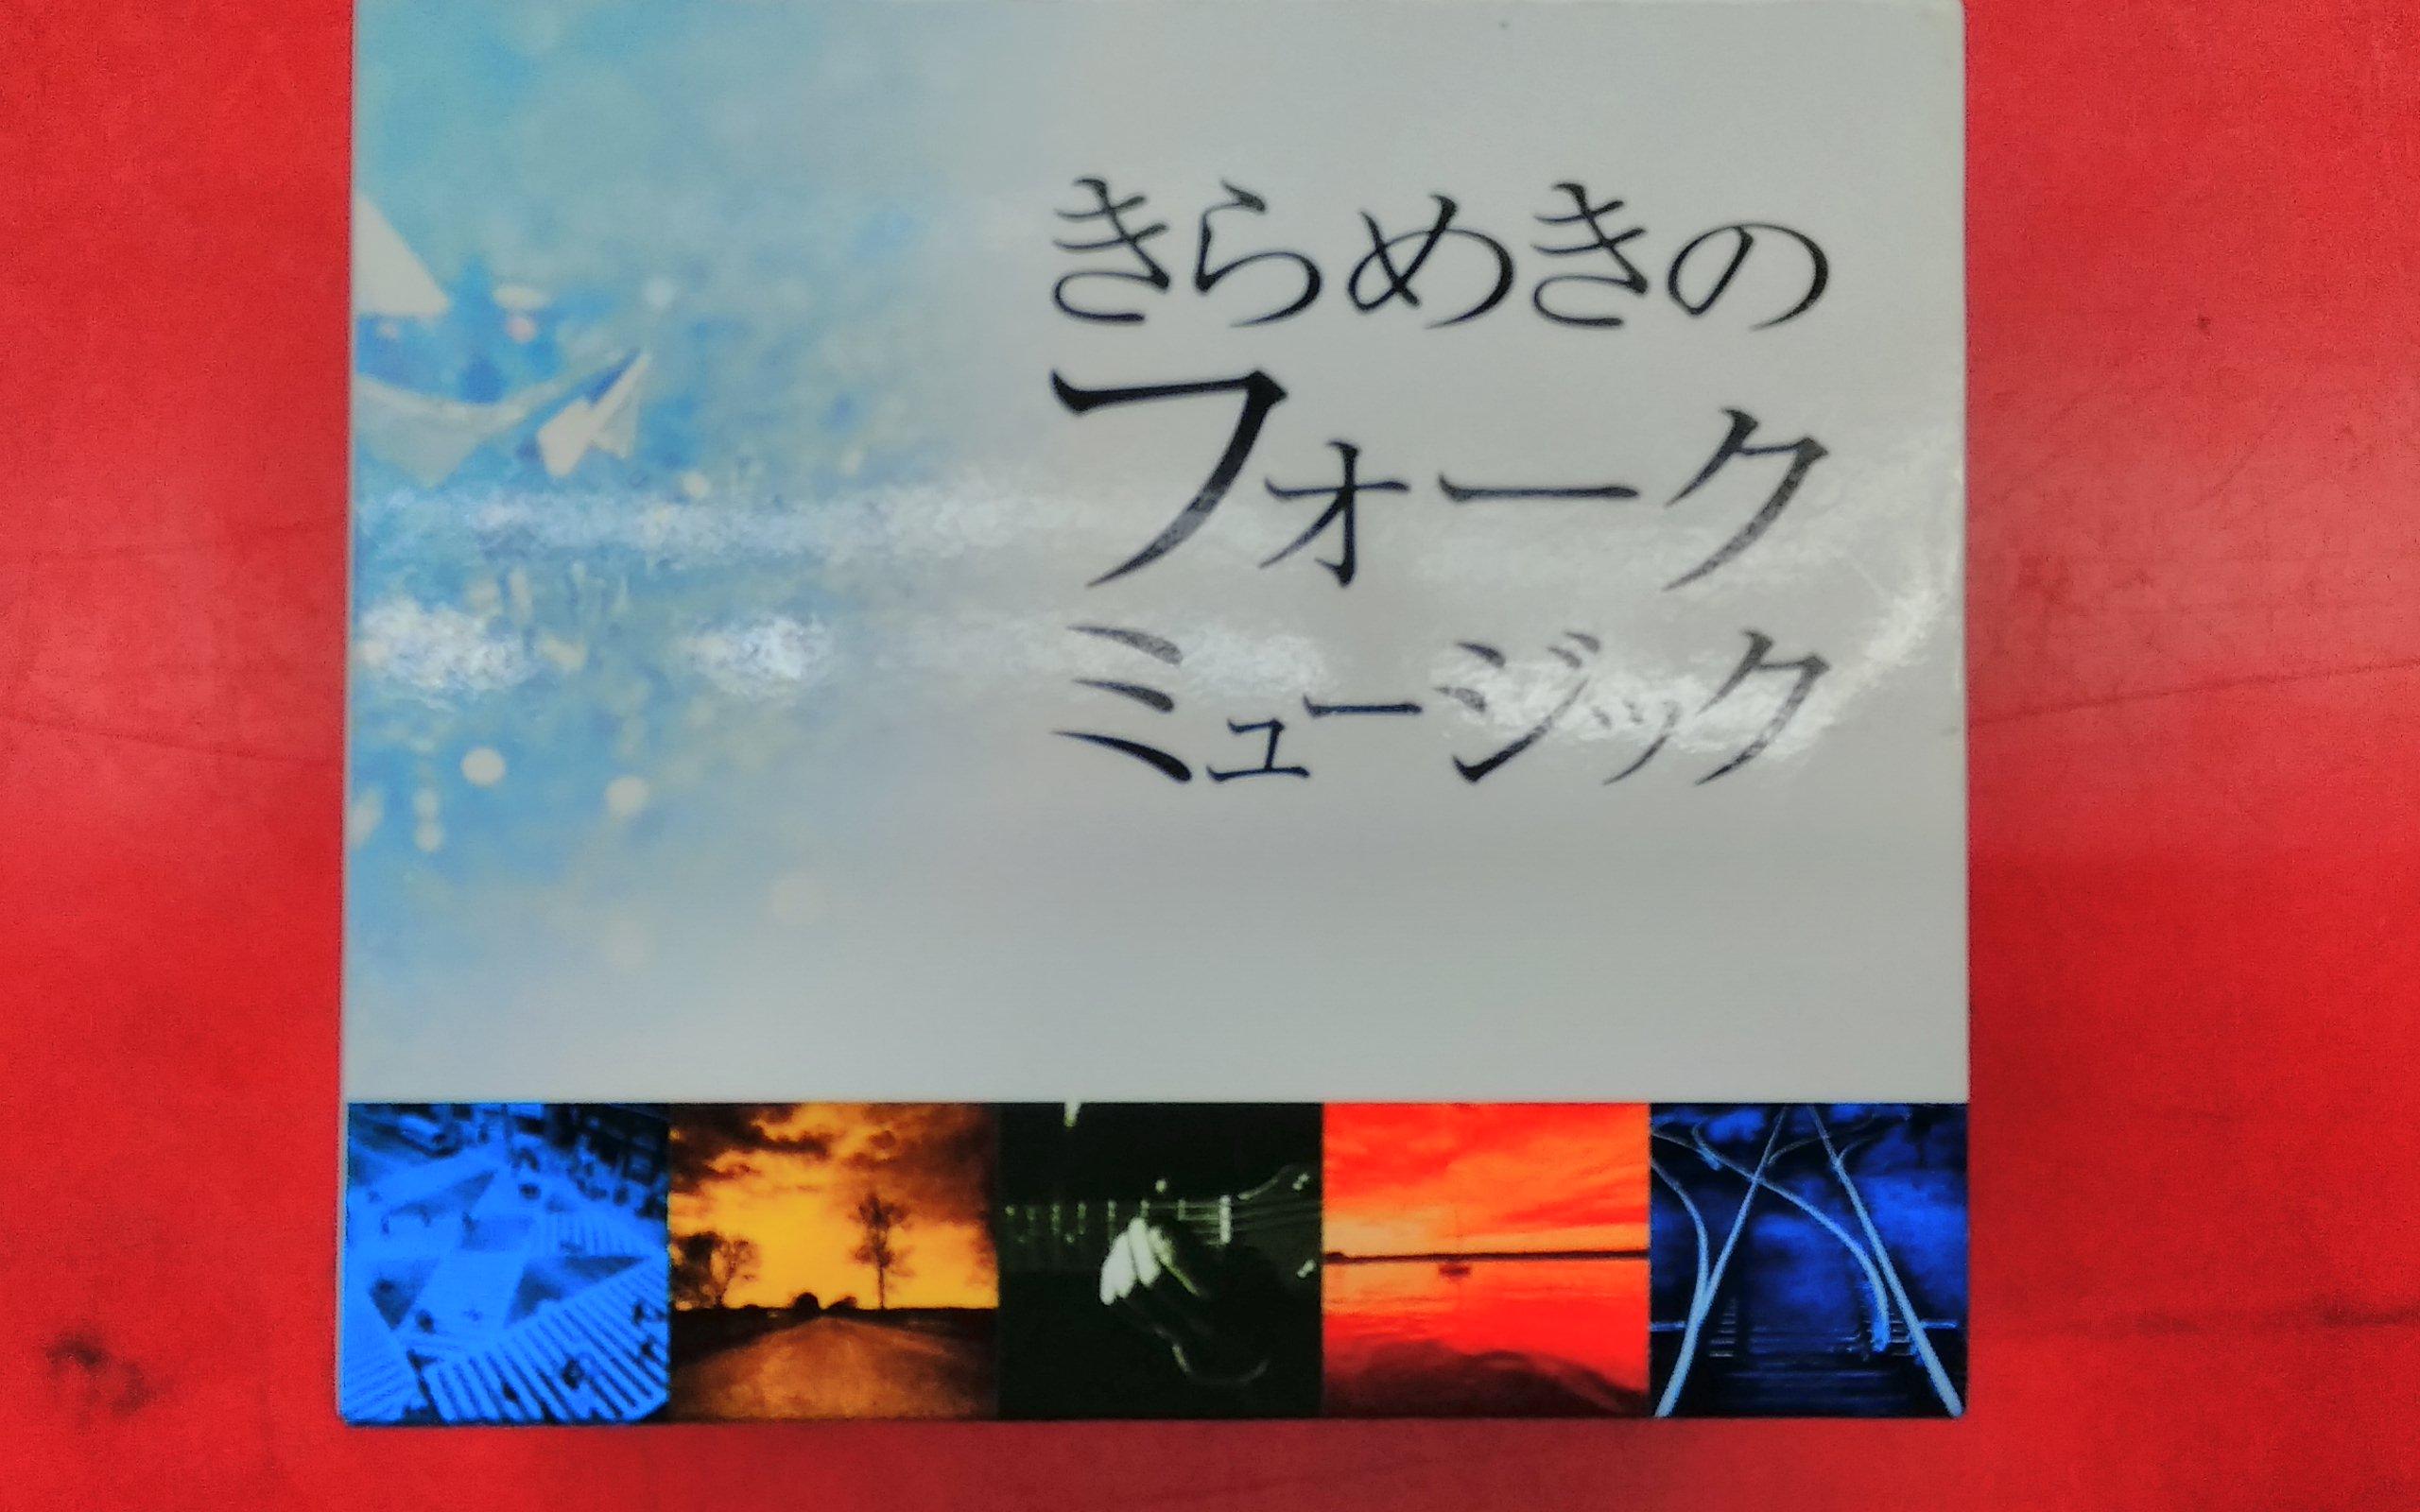 きらめきのフォークミュージック|UNIVERSAL